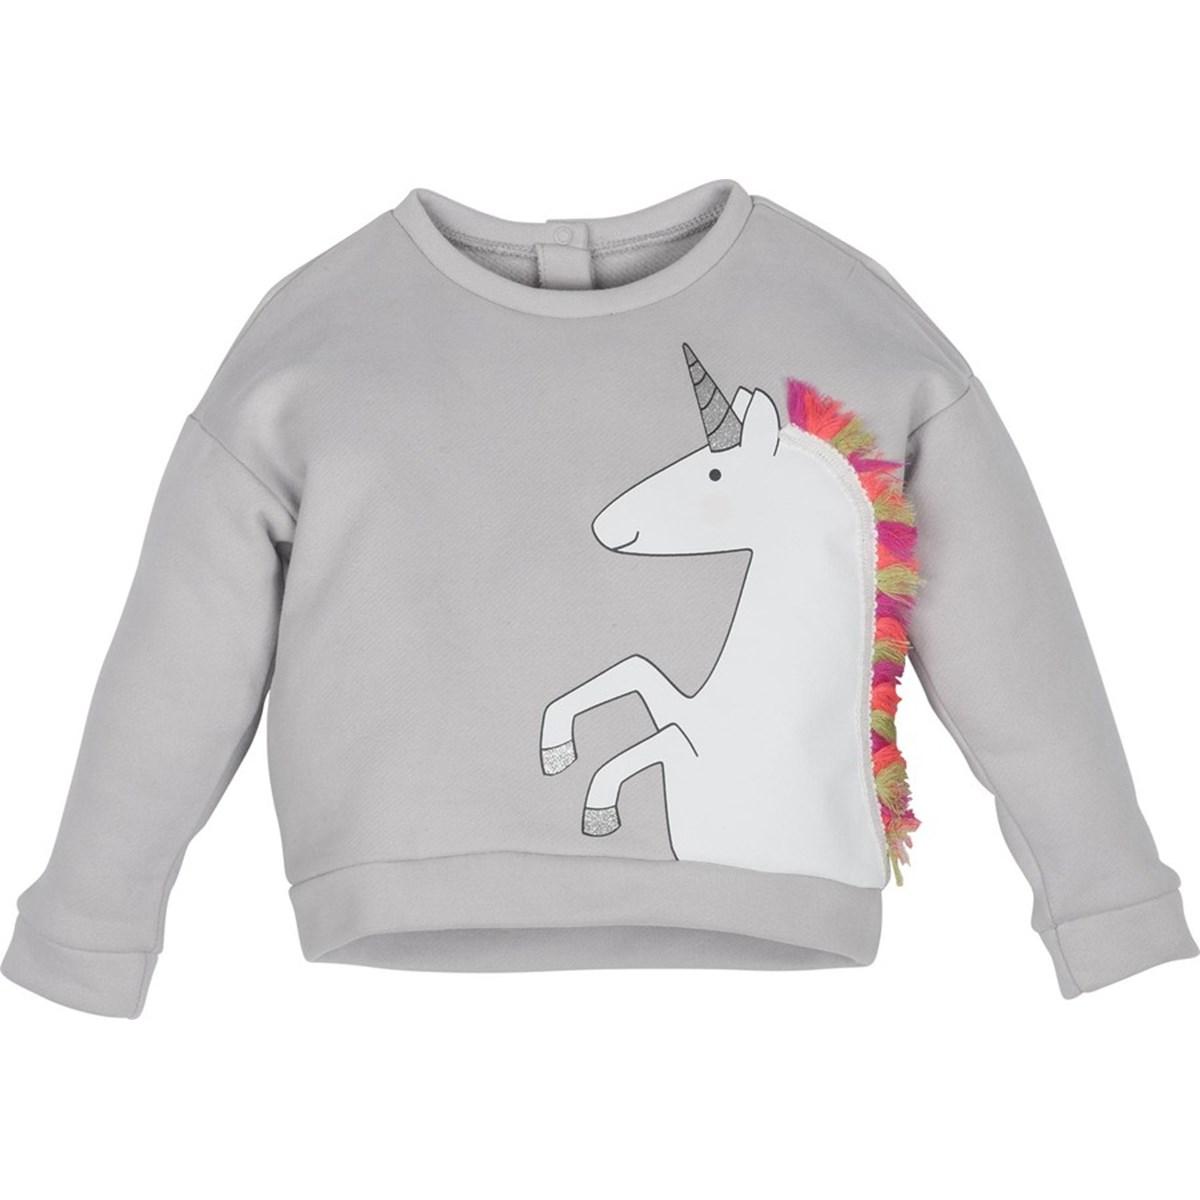 12450 Sweatshirt 1